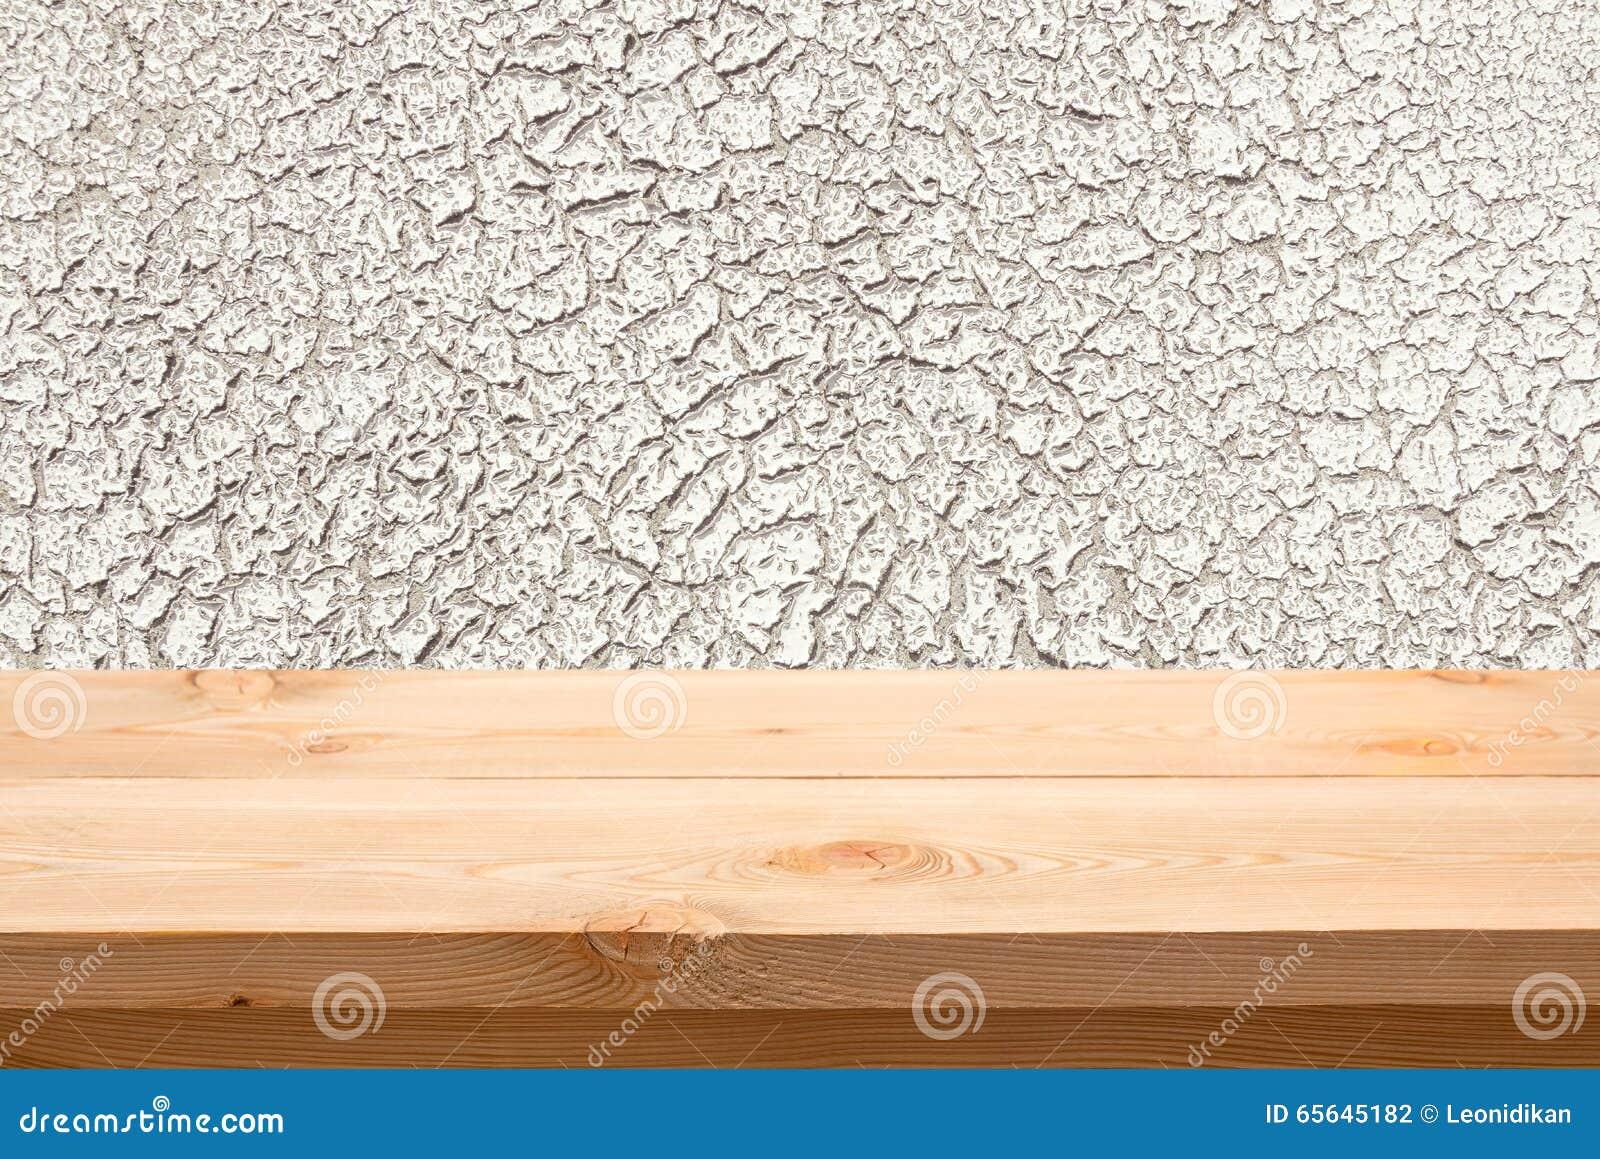 Fond avec une table vide